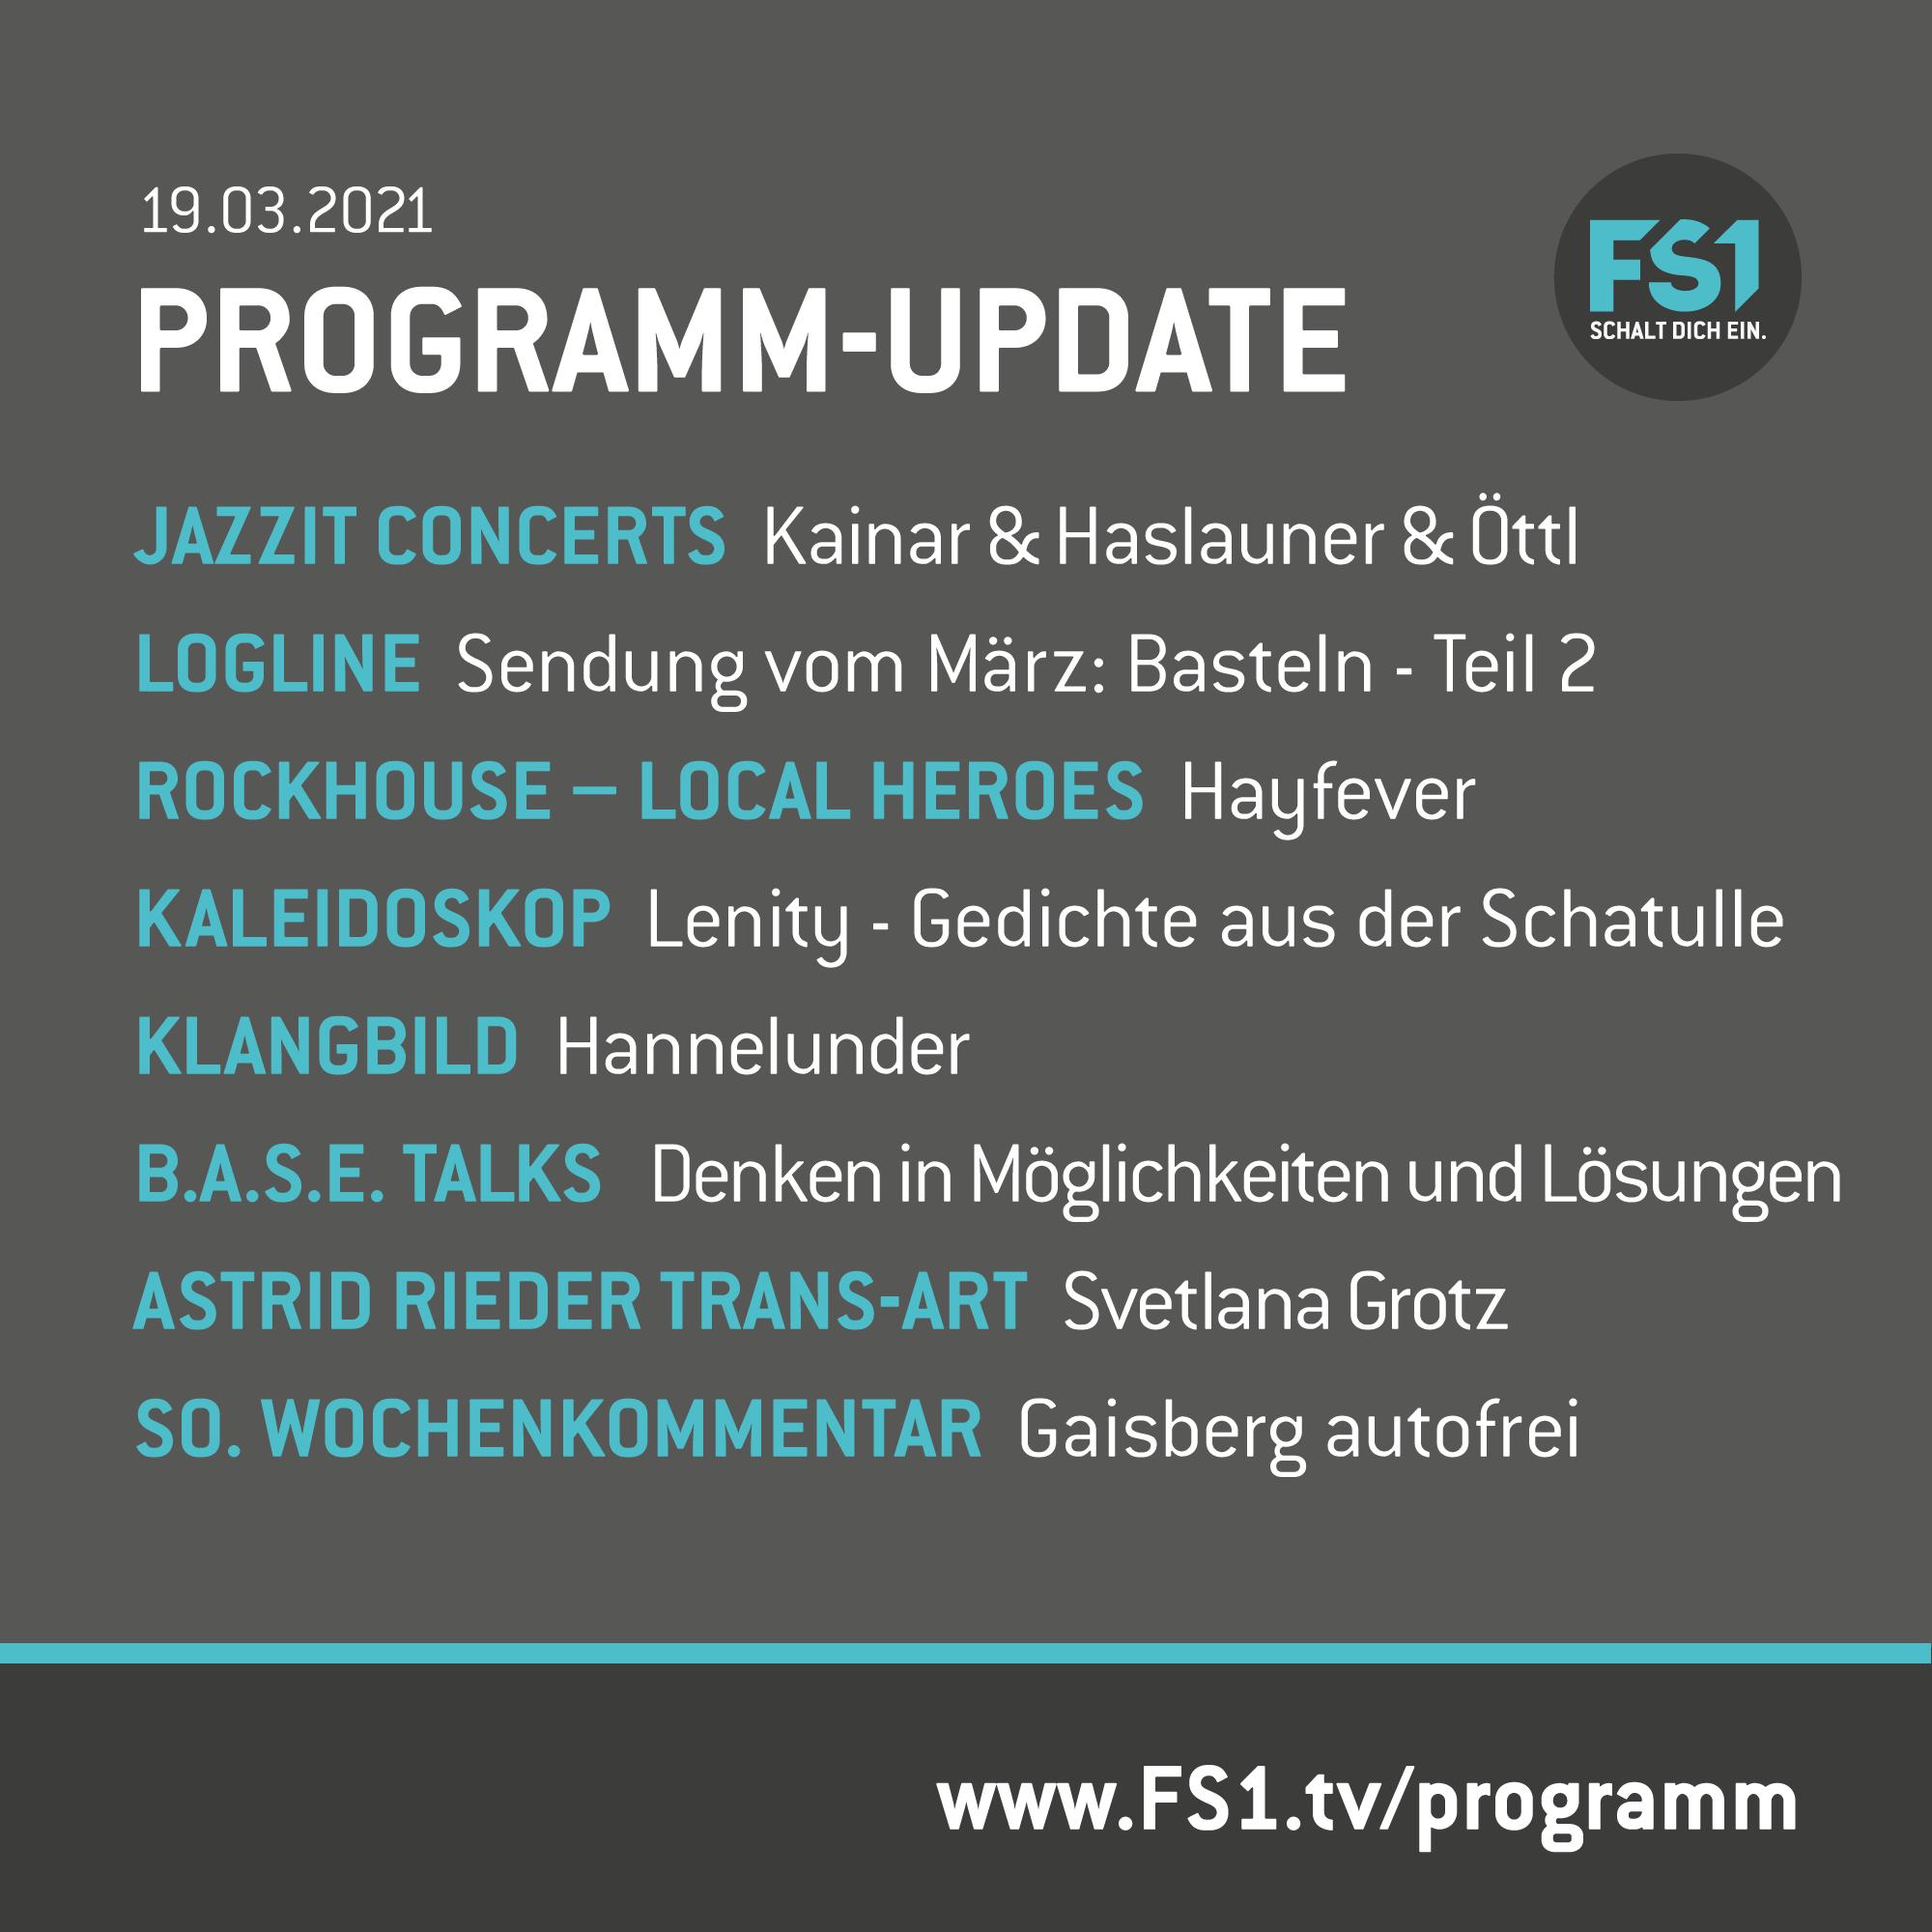 Programm Update